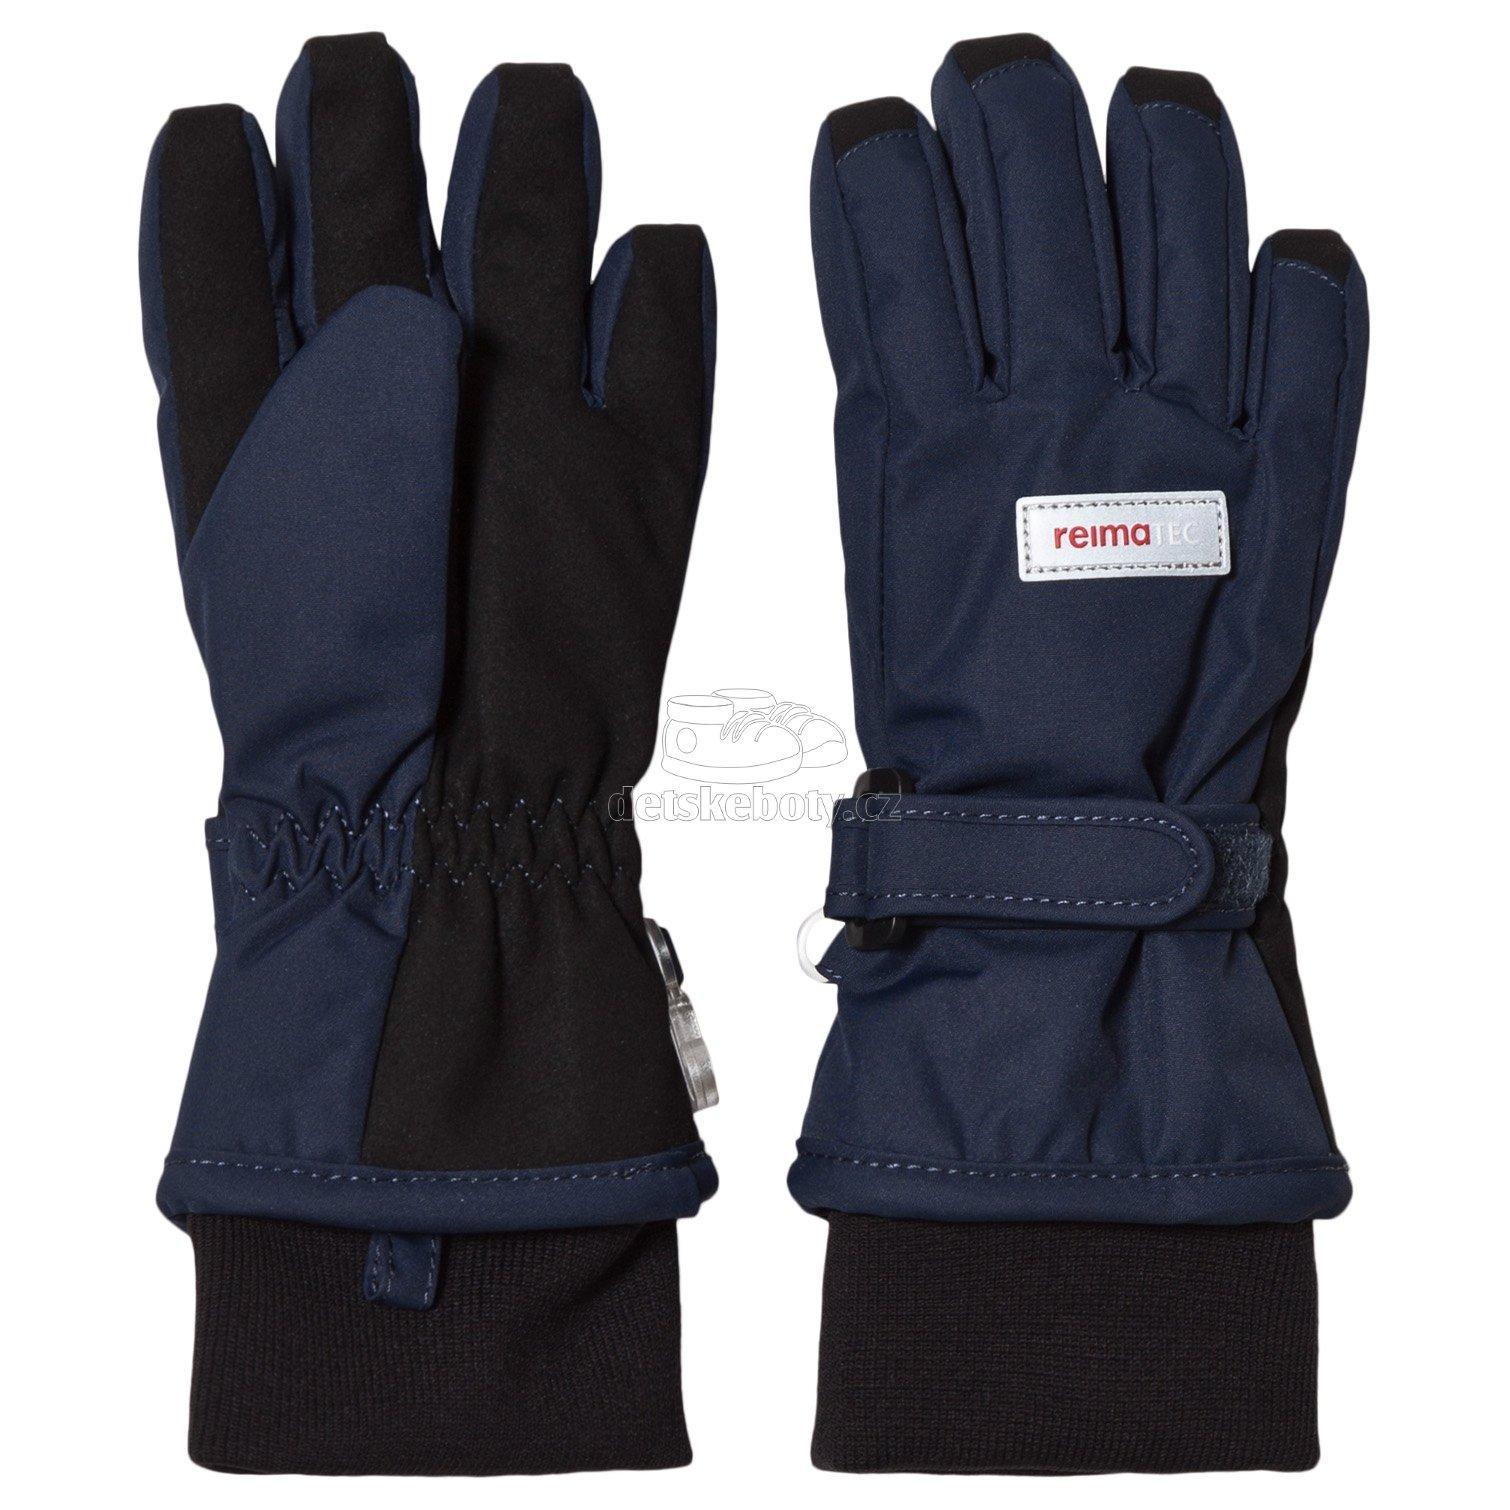 Dětské rukavice Reima 527289 Tartu blue